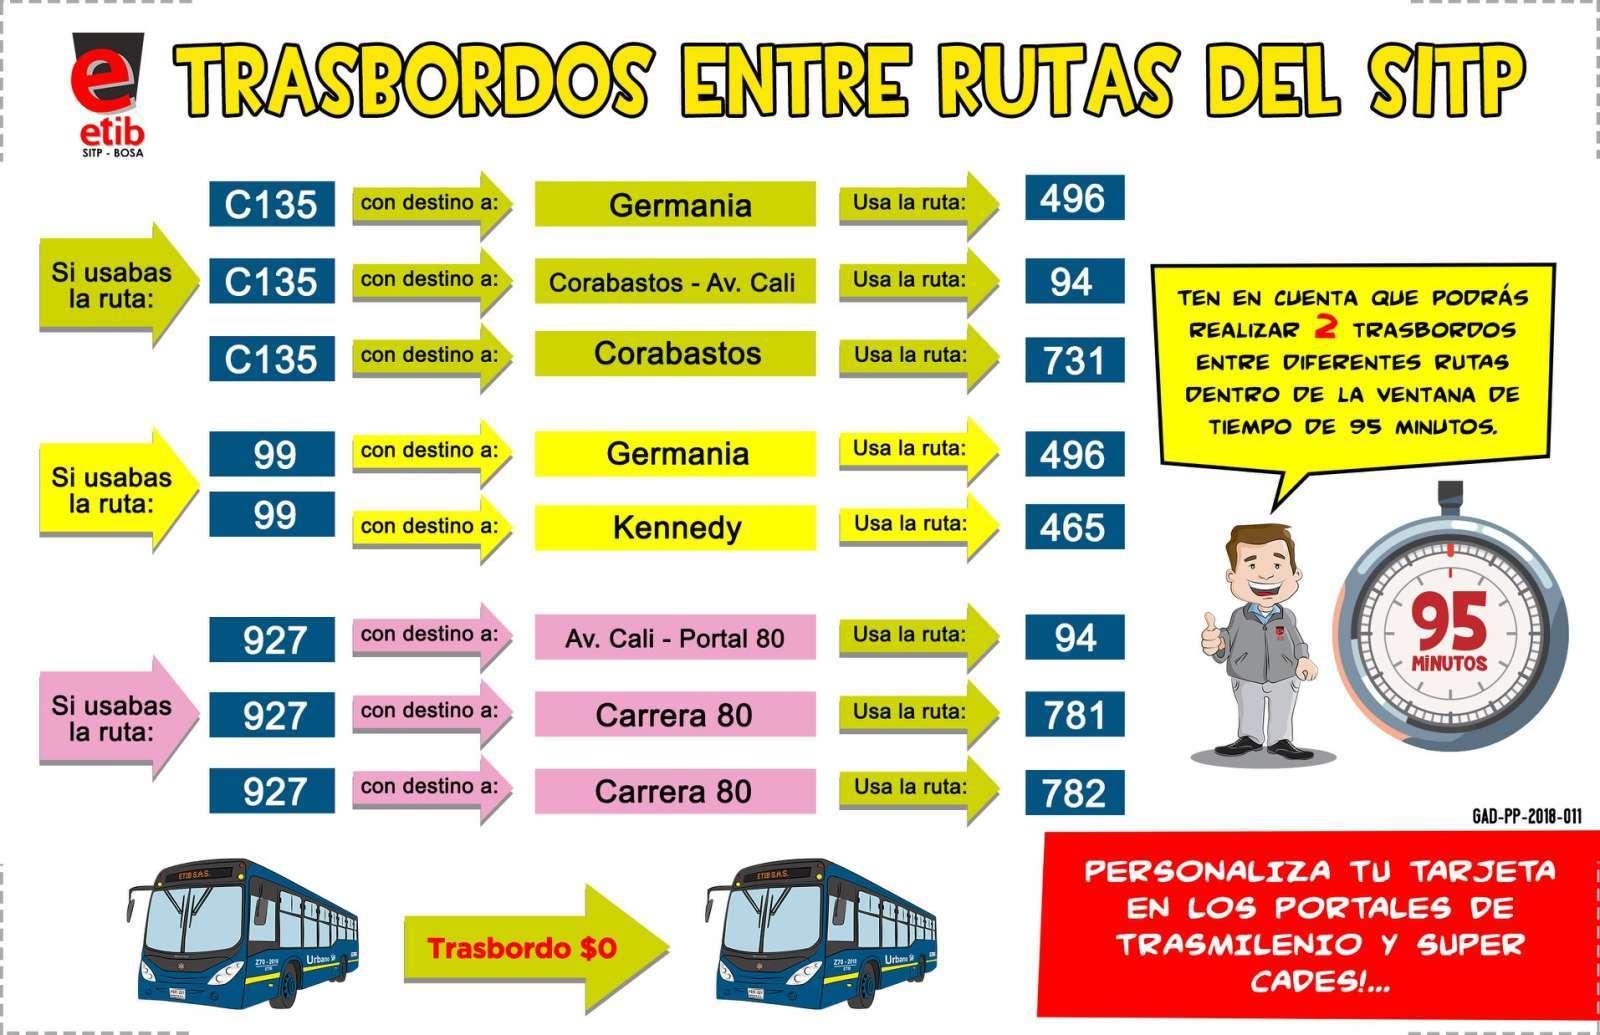 Trasbordos fáciles para usuarios/as de las rutas 99, 927 y C137